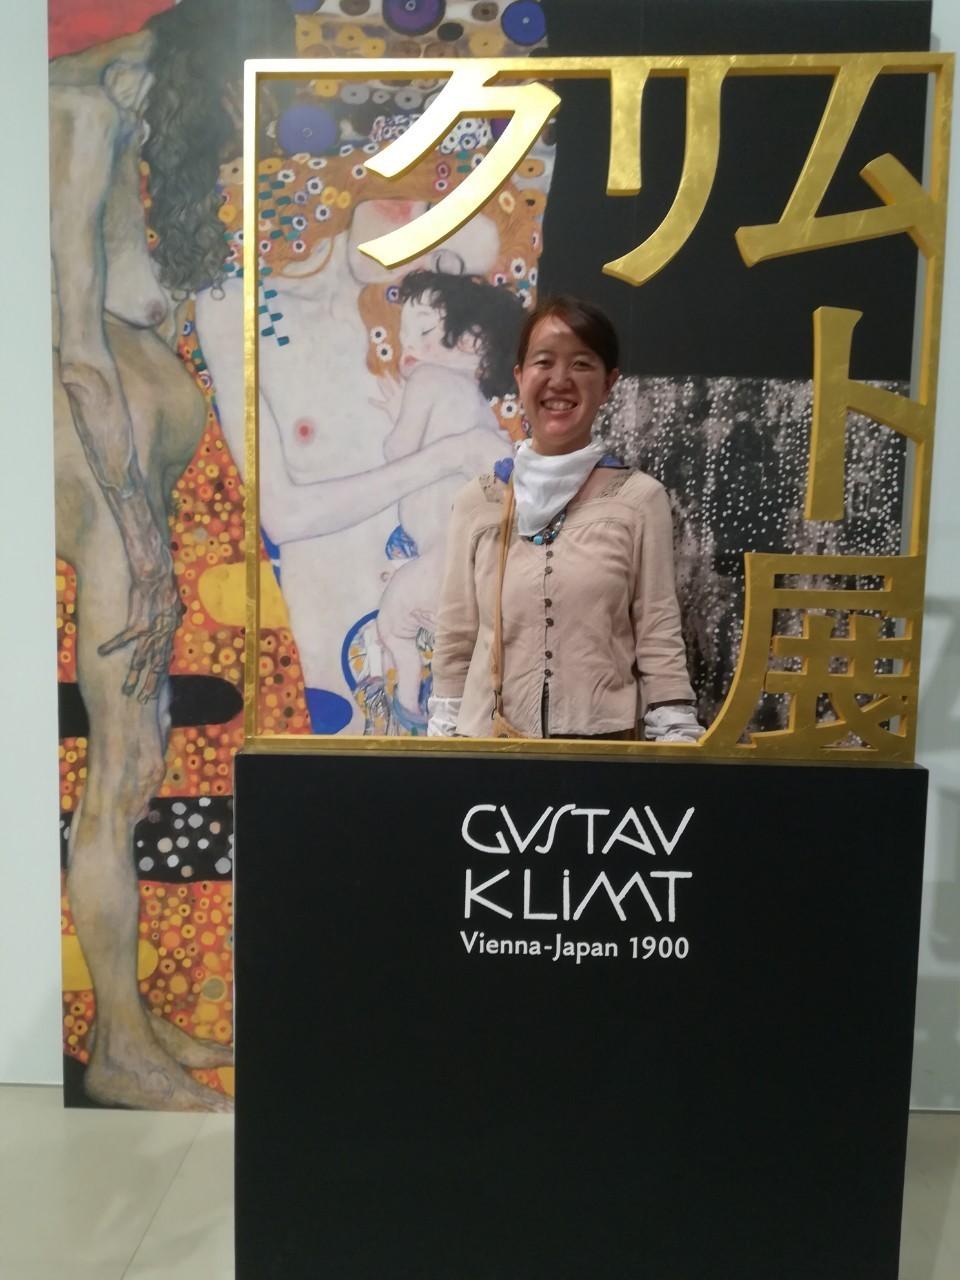 クリムト展と愛知トリエンナーレ_f0047576_10031865.jpg